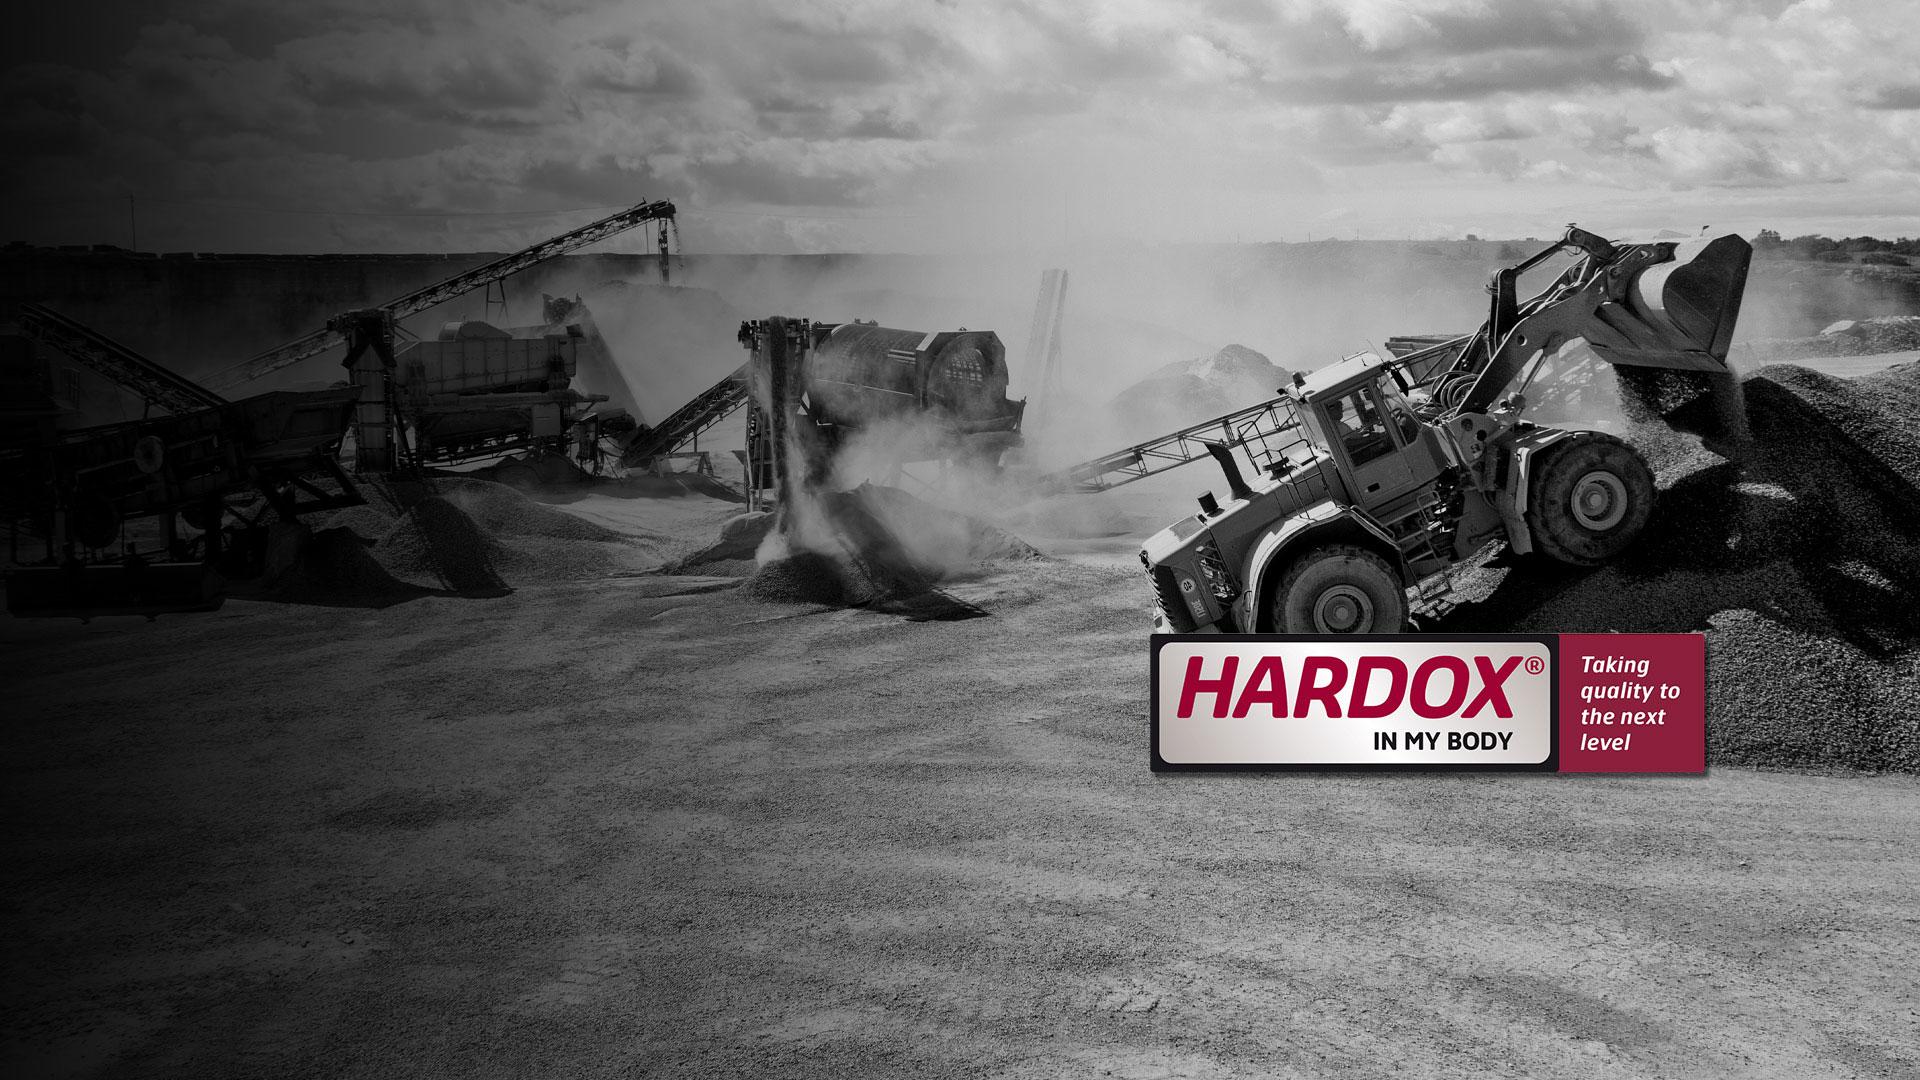 A Hardox In My Body program előnyei